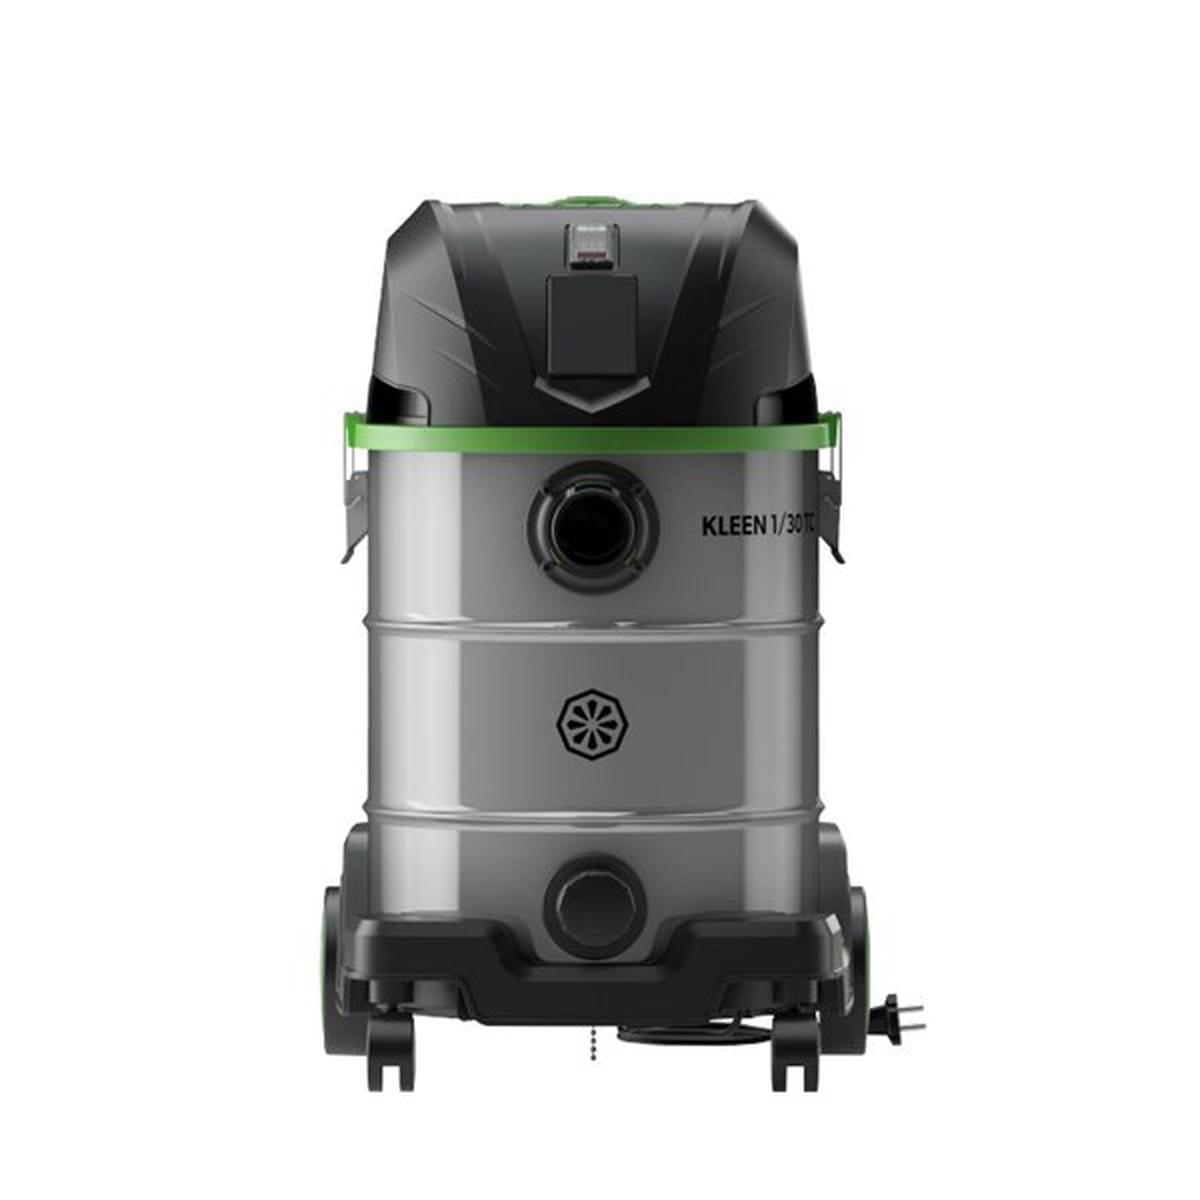 Foma støv vannsugerm/styring for el-verktøy KS 1/30 W&D TC